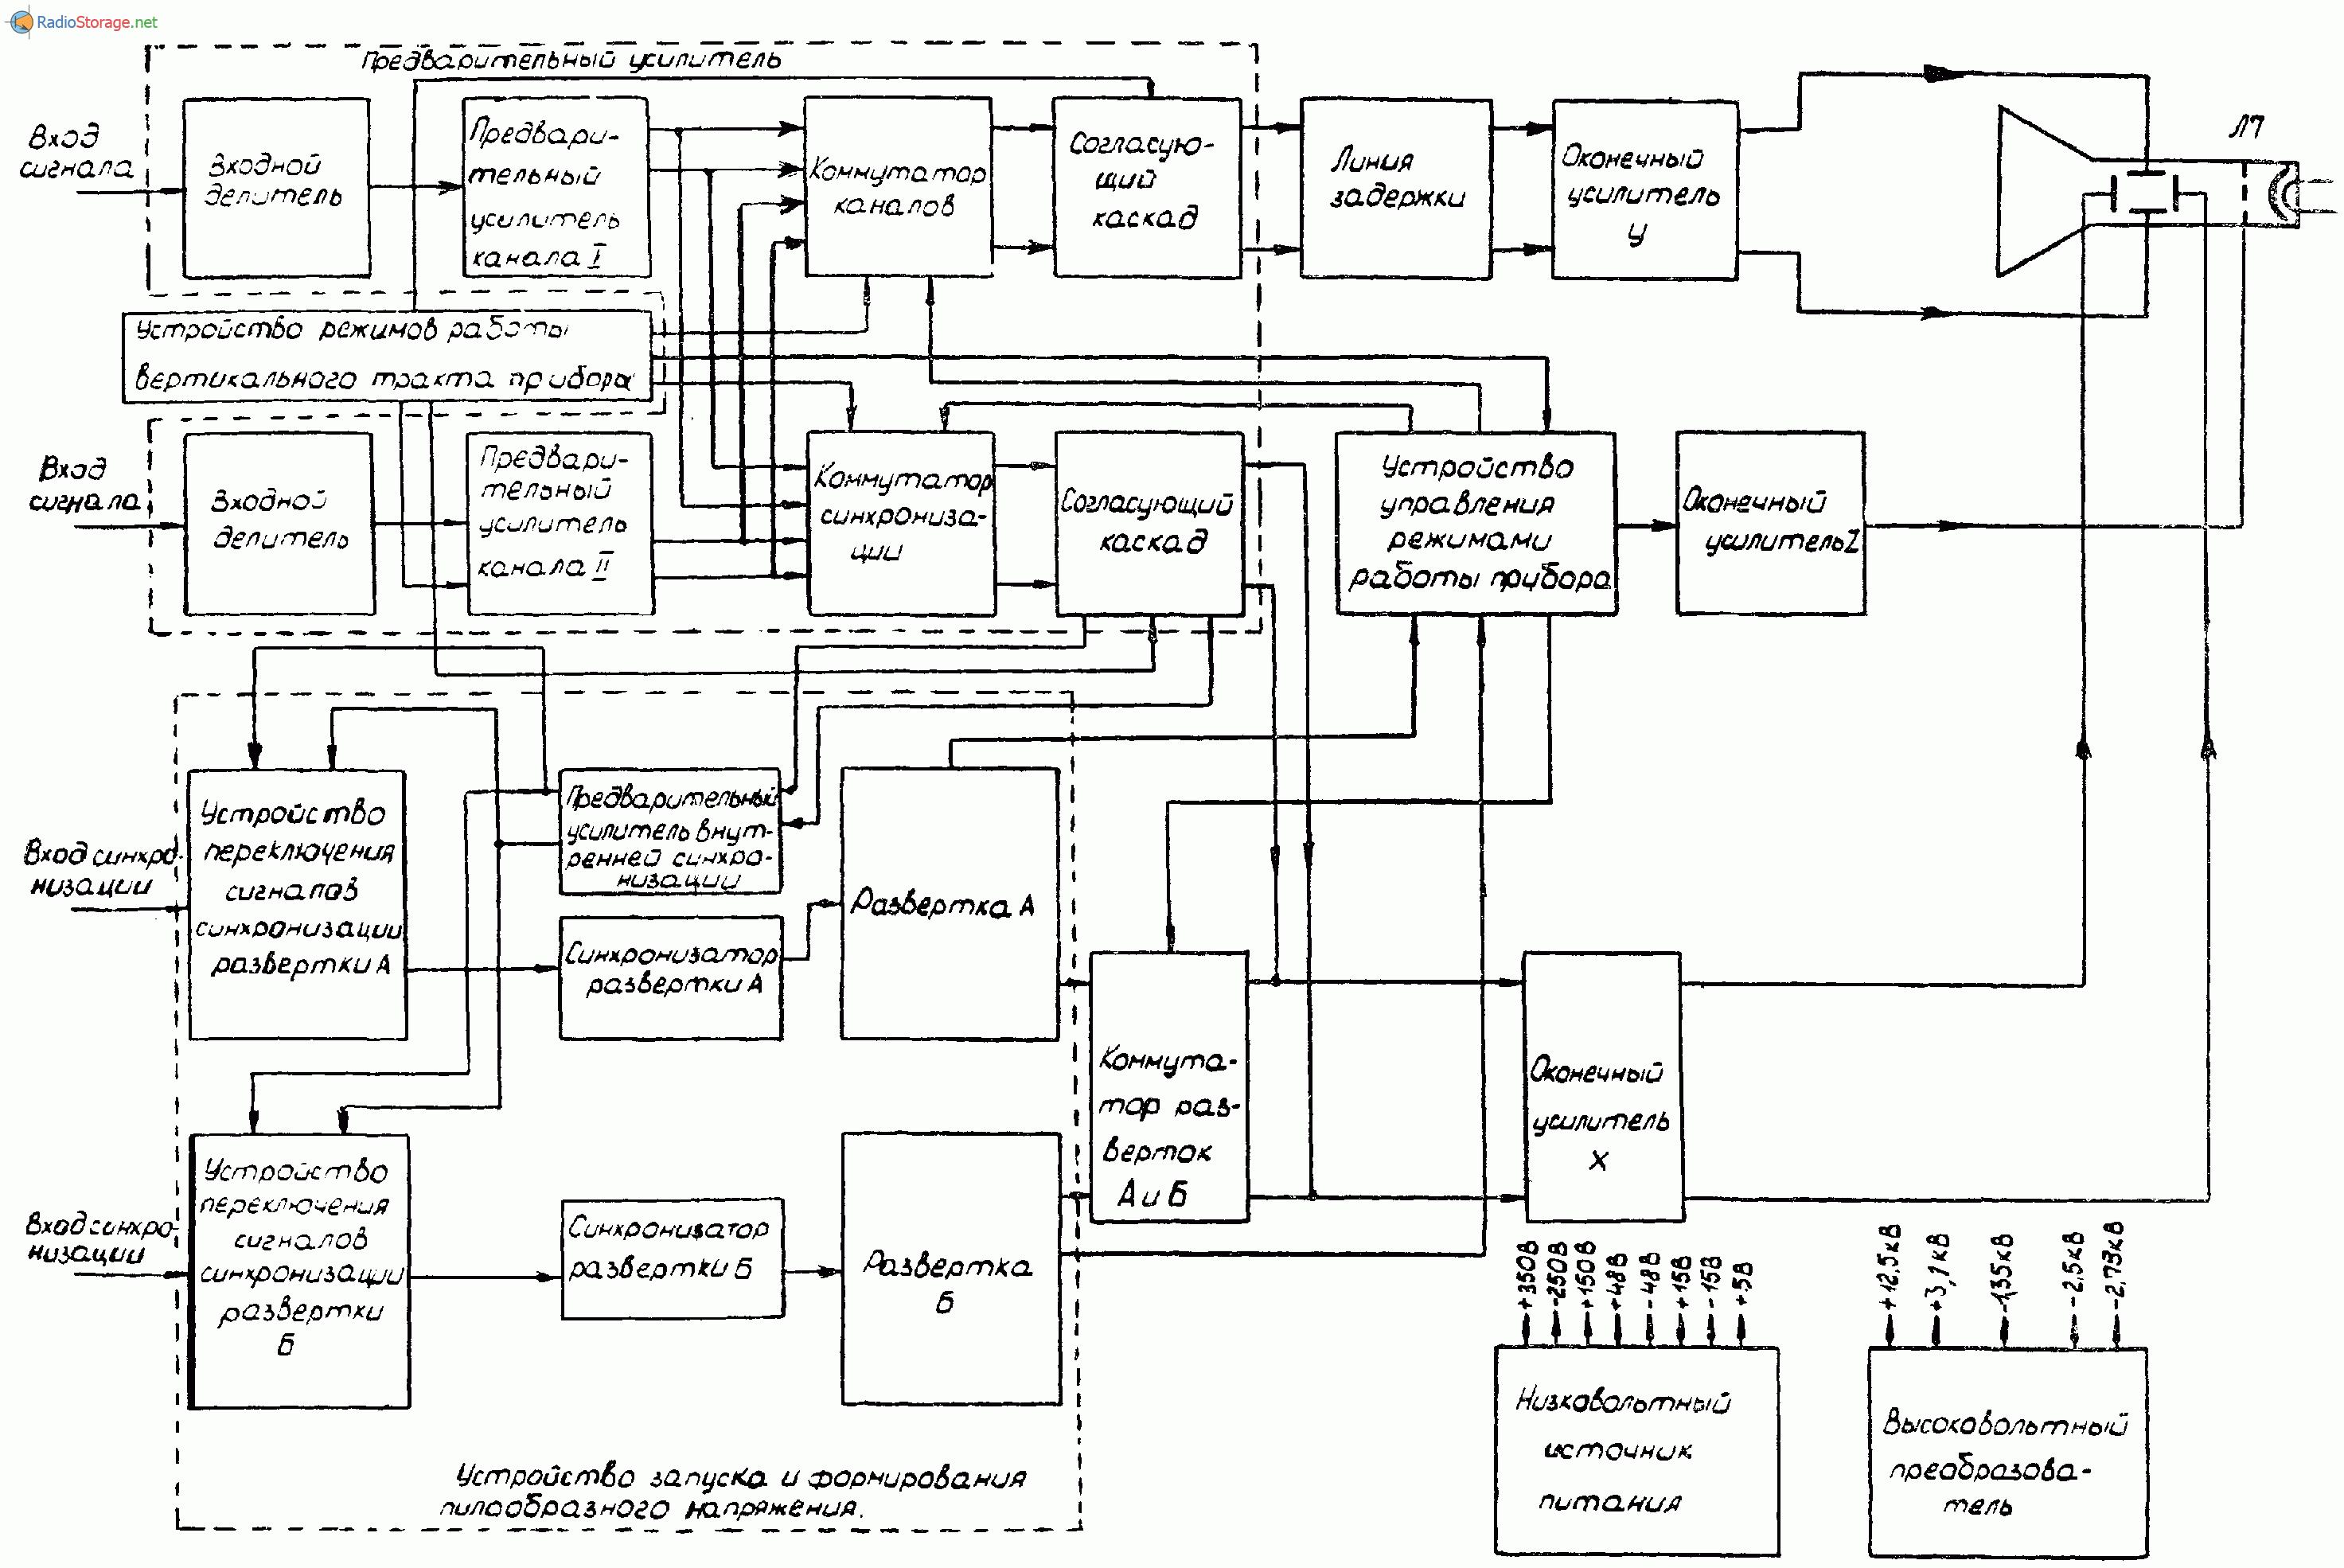 Осциллограф С1-92, схема